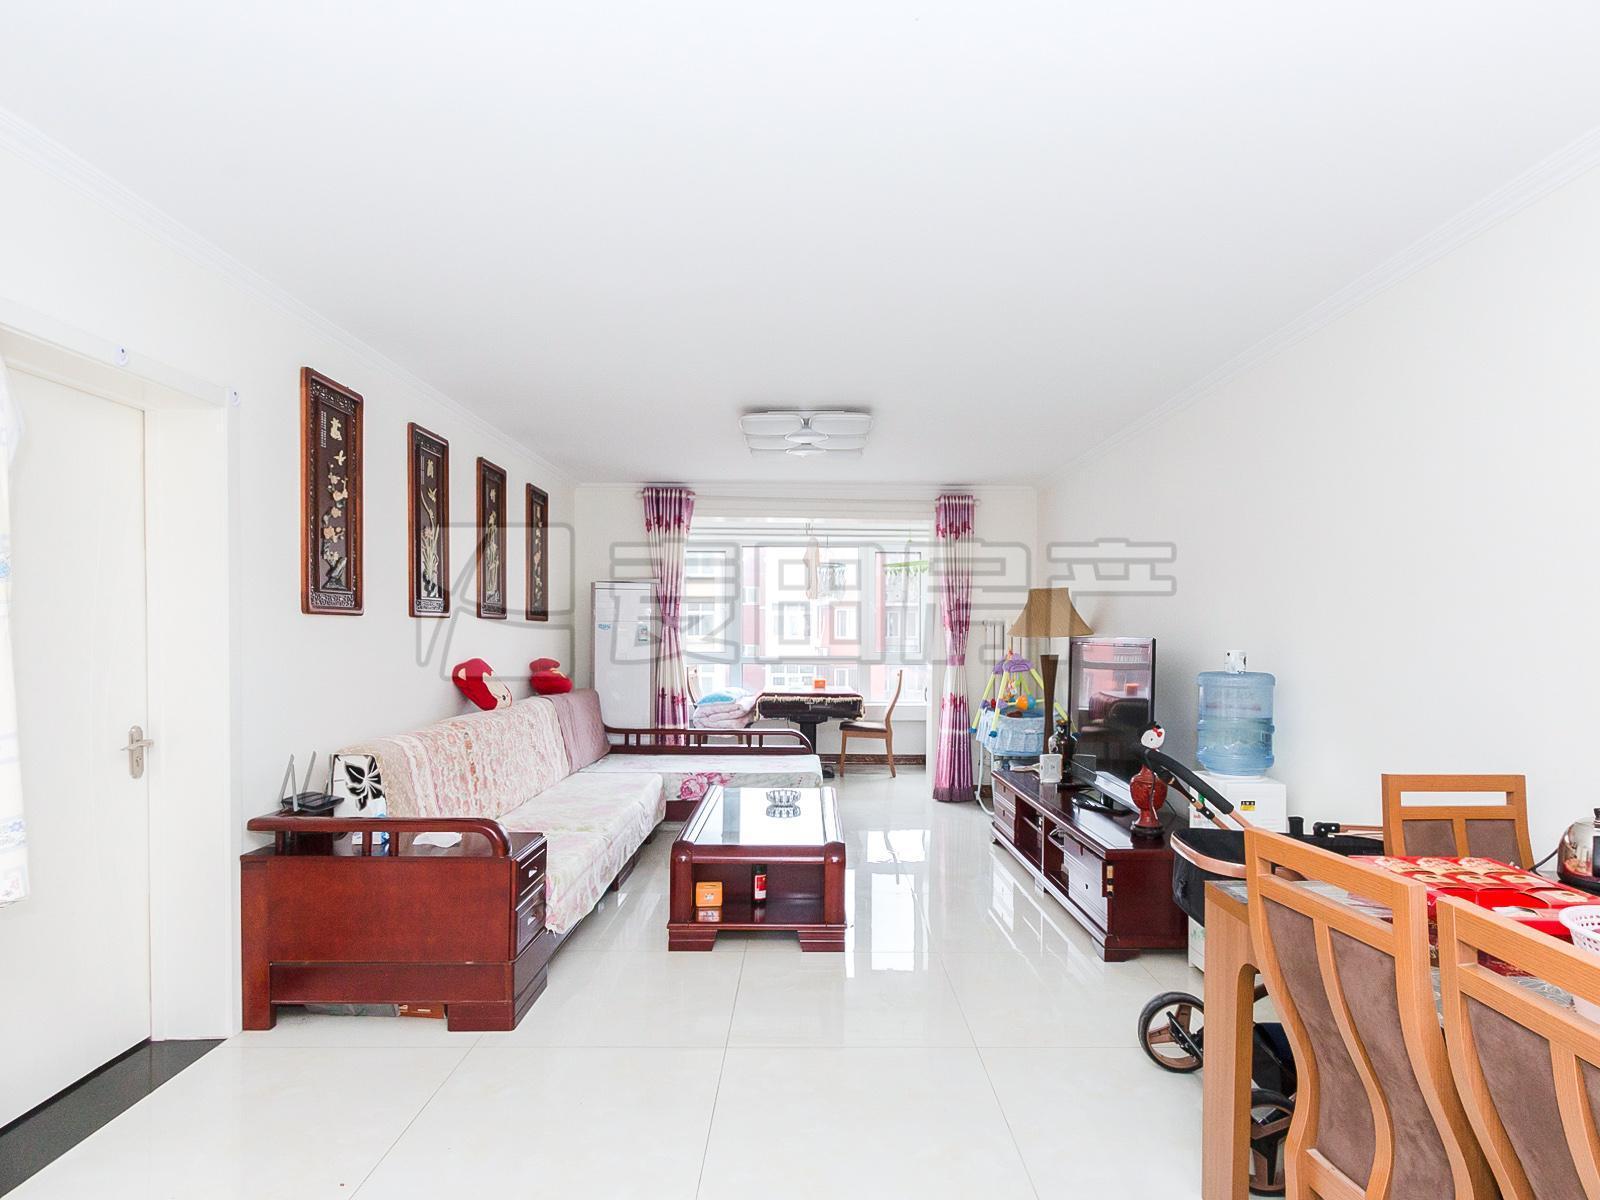 龙锦苑东五区 刚需三居 免装修 中间楼层 户型方正 南北通透 诚售